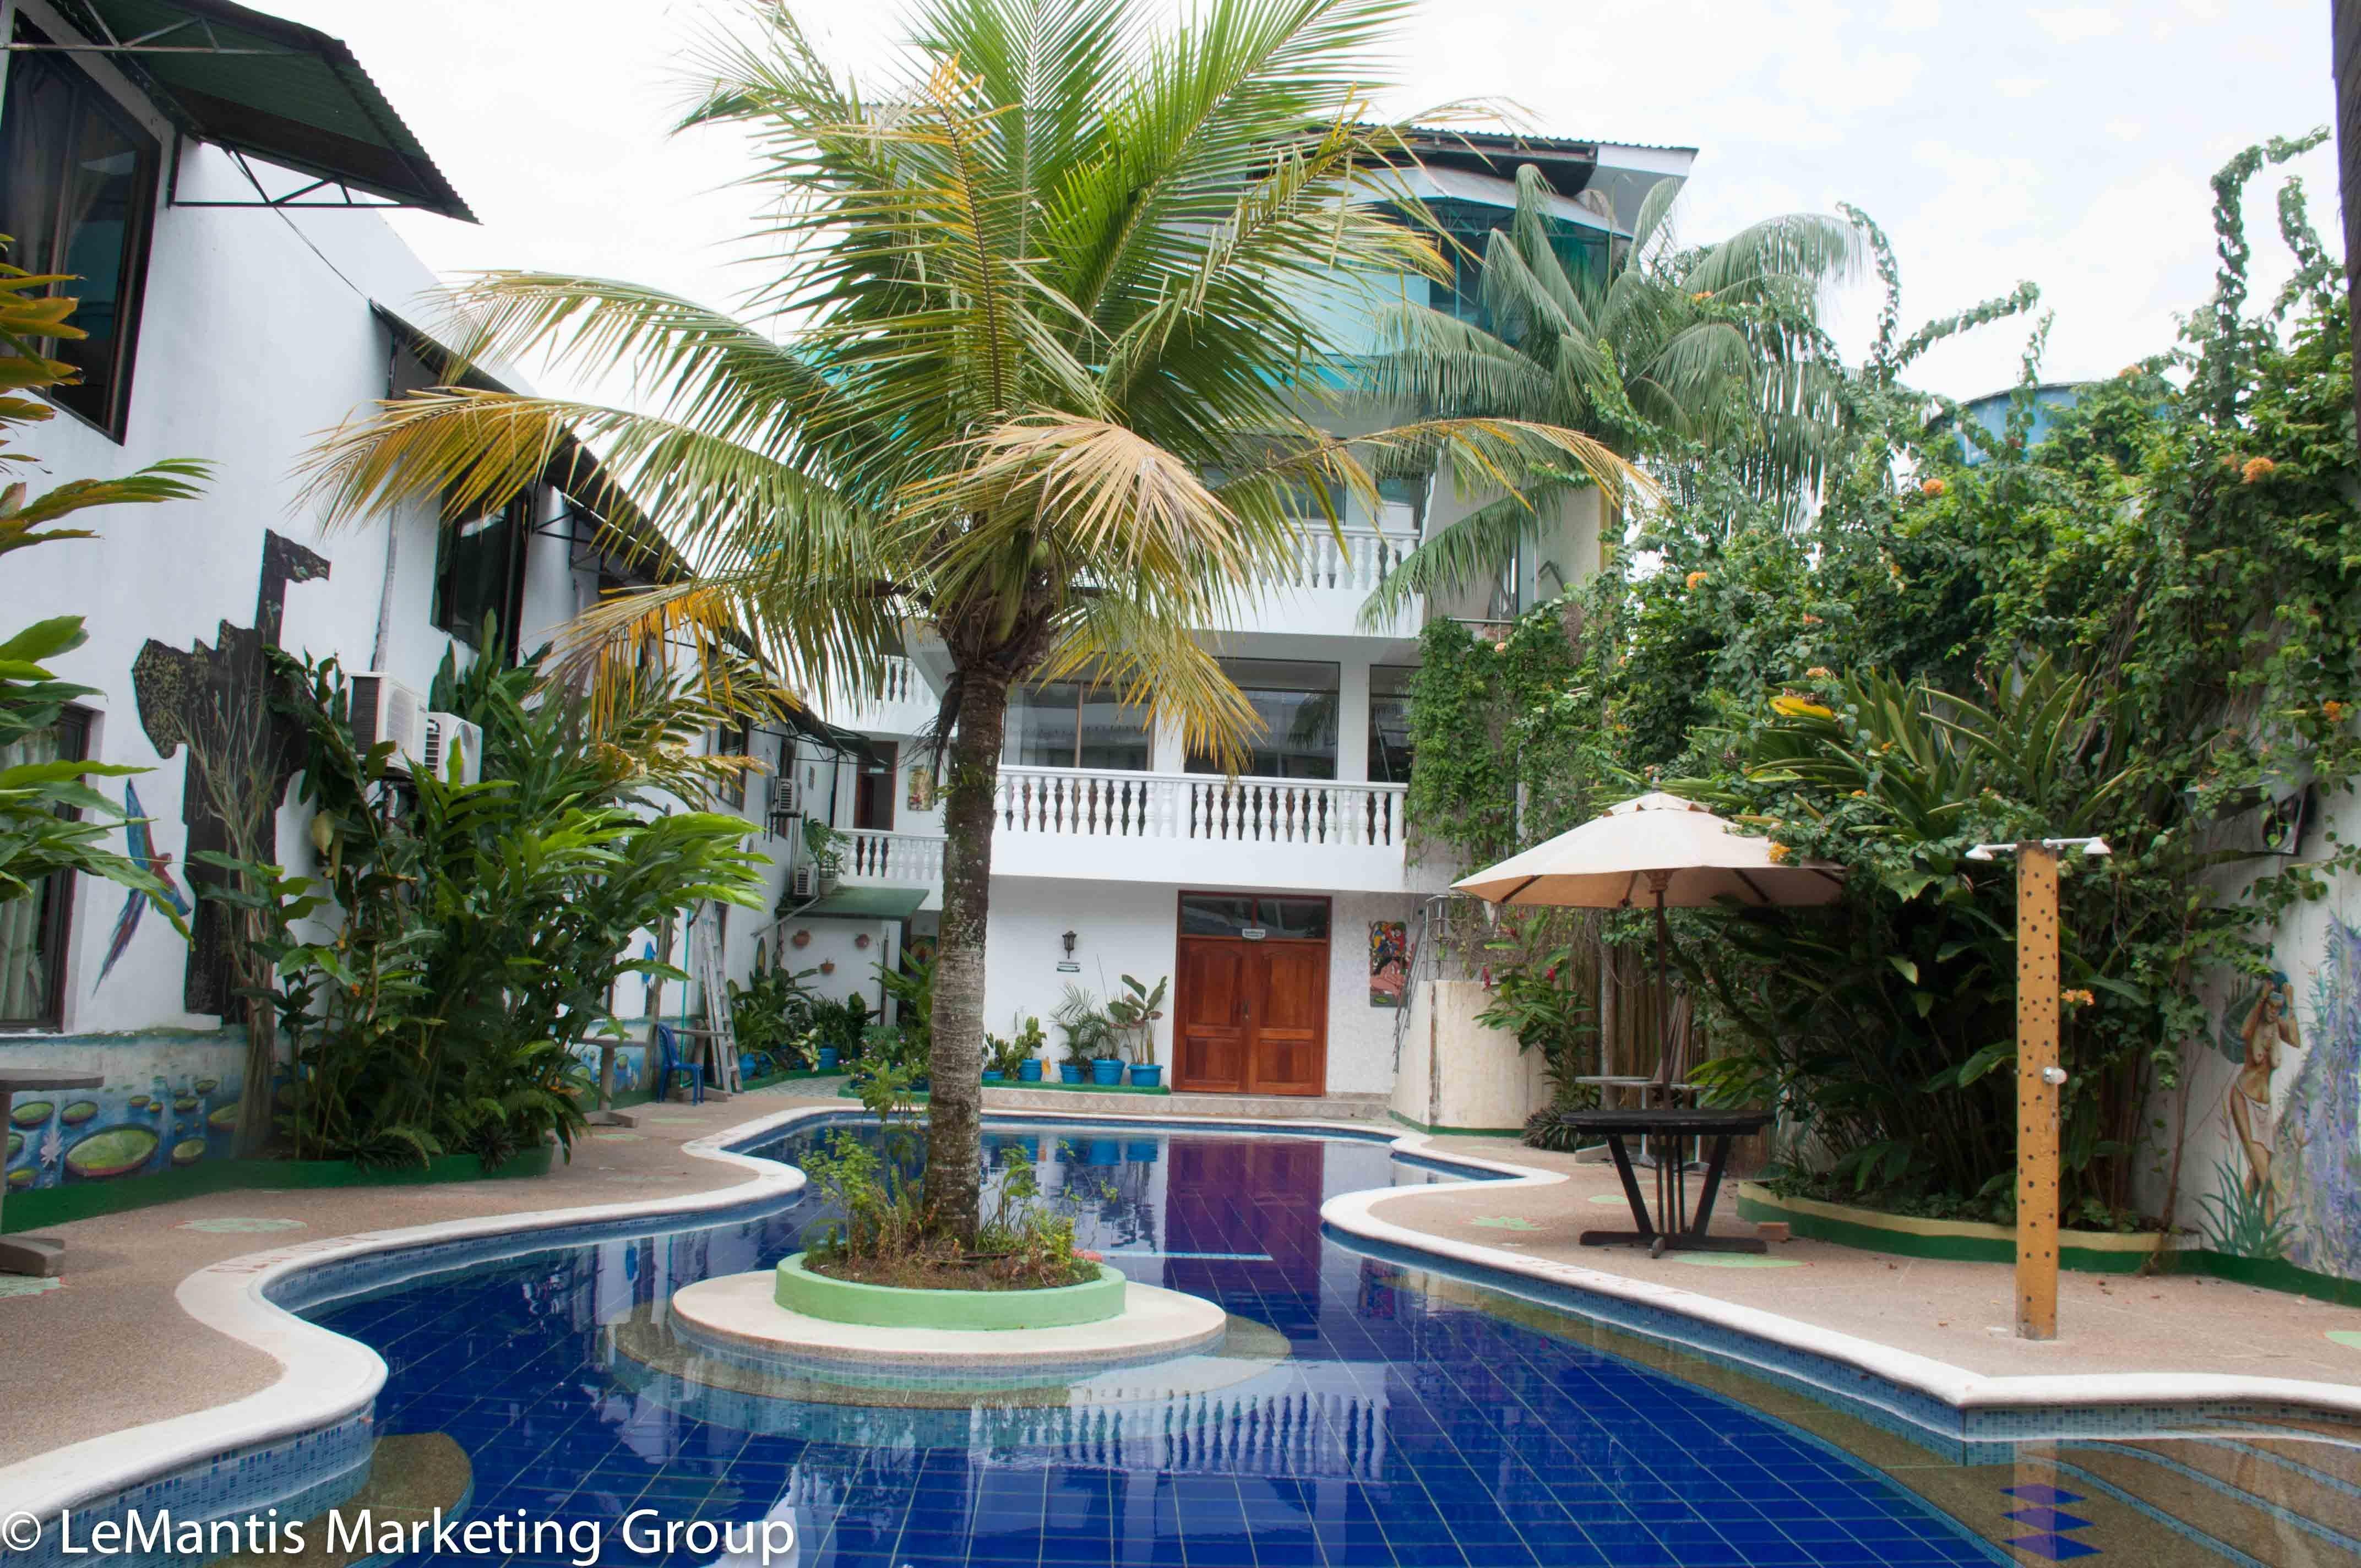 hotel yurupary piscina